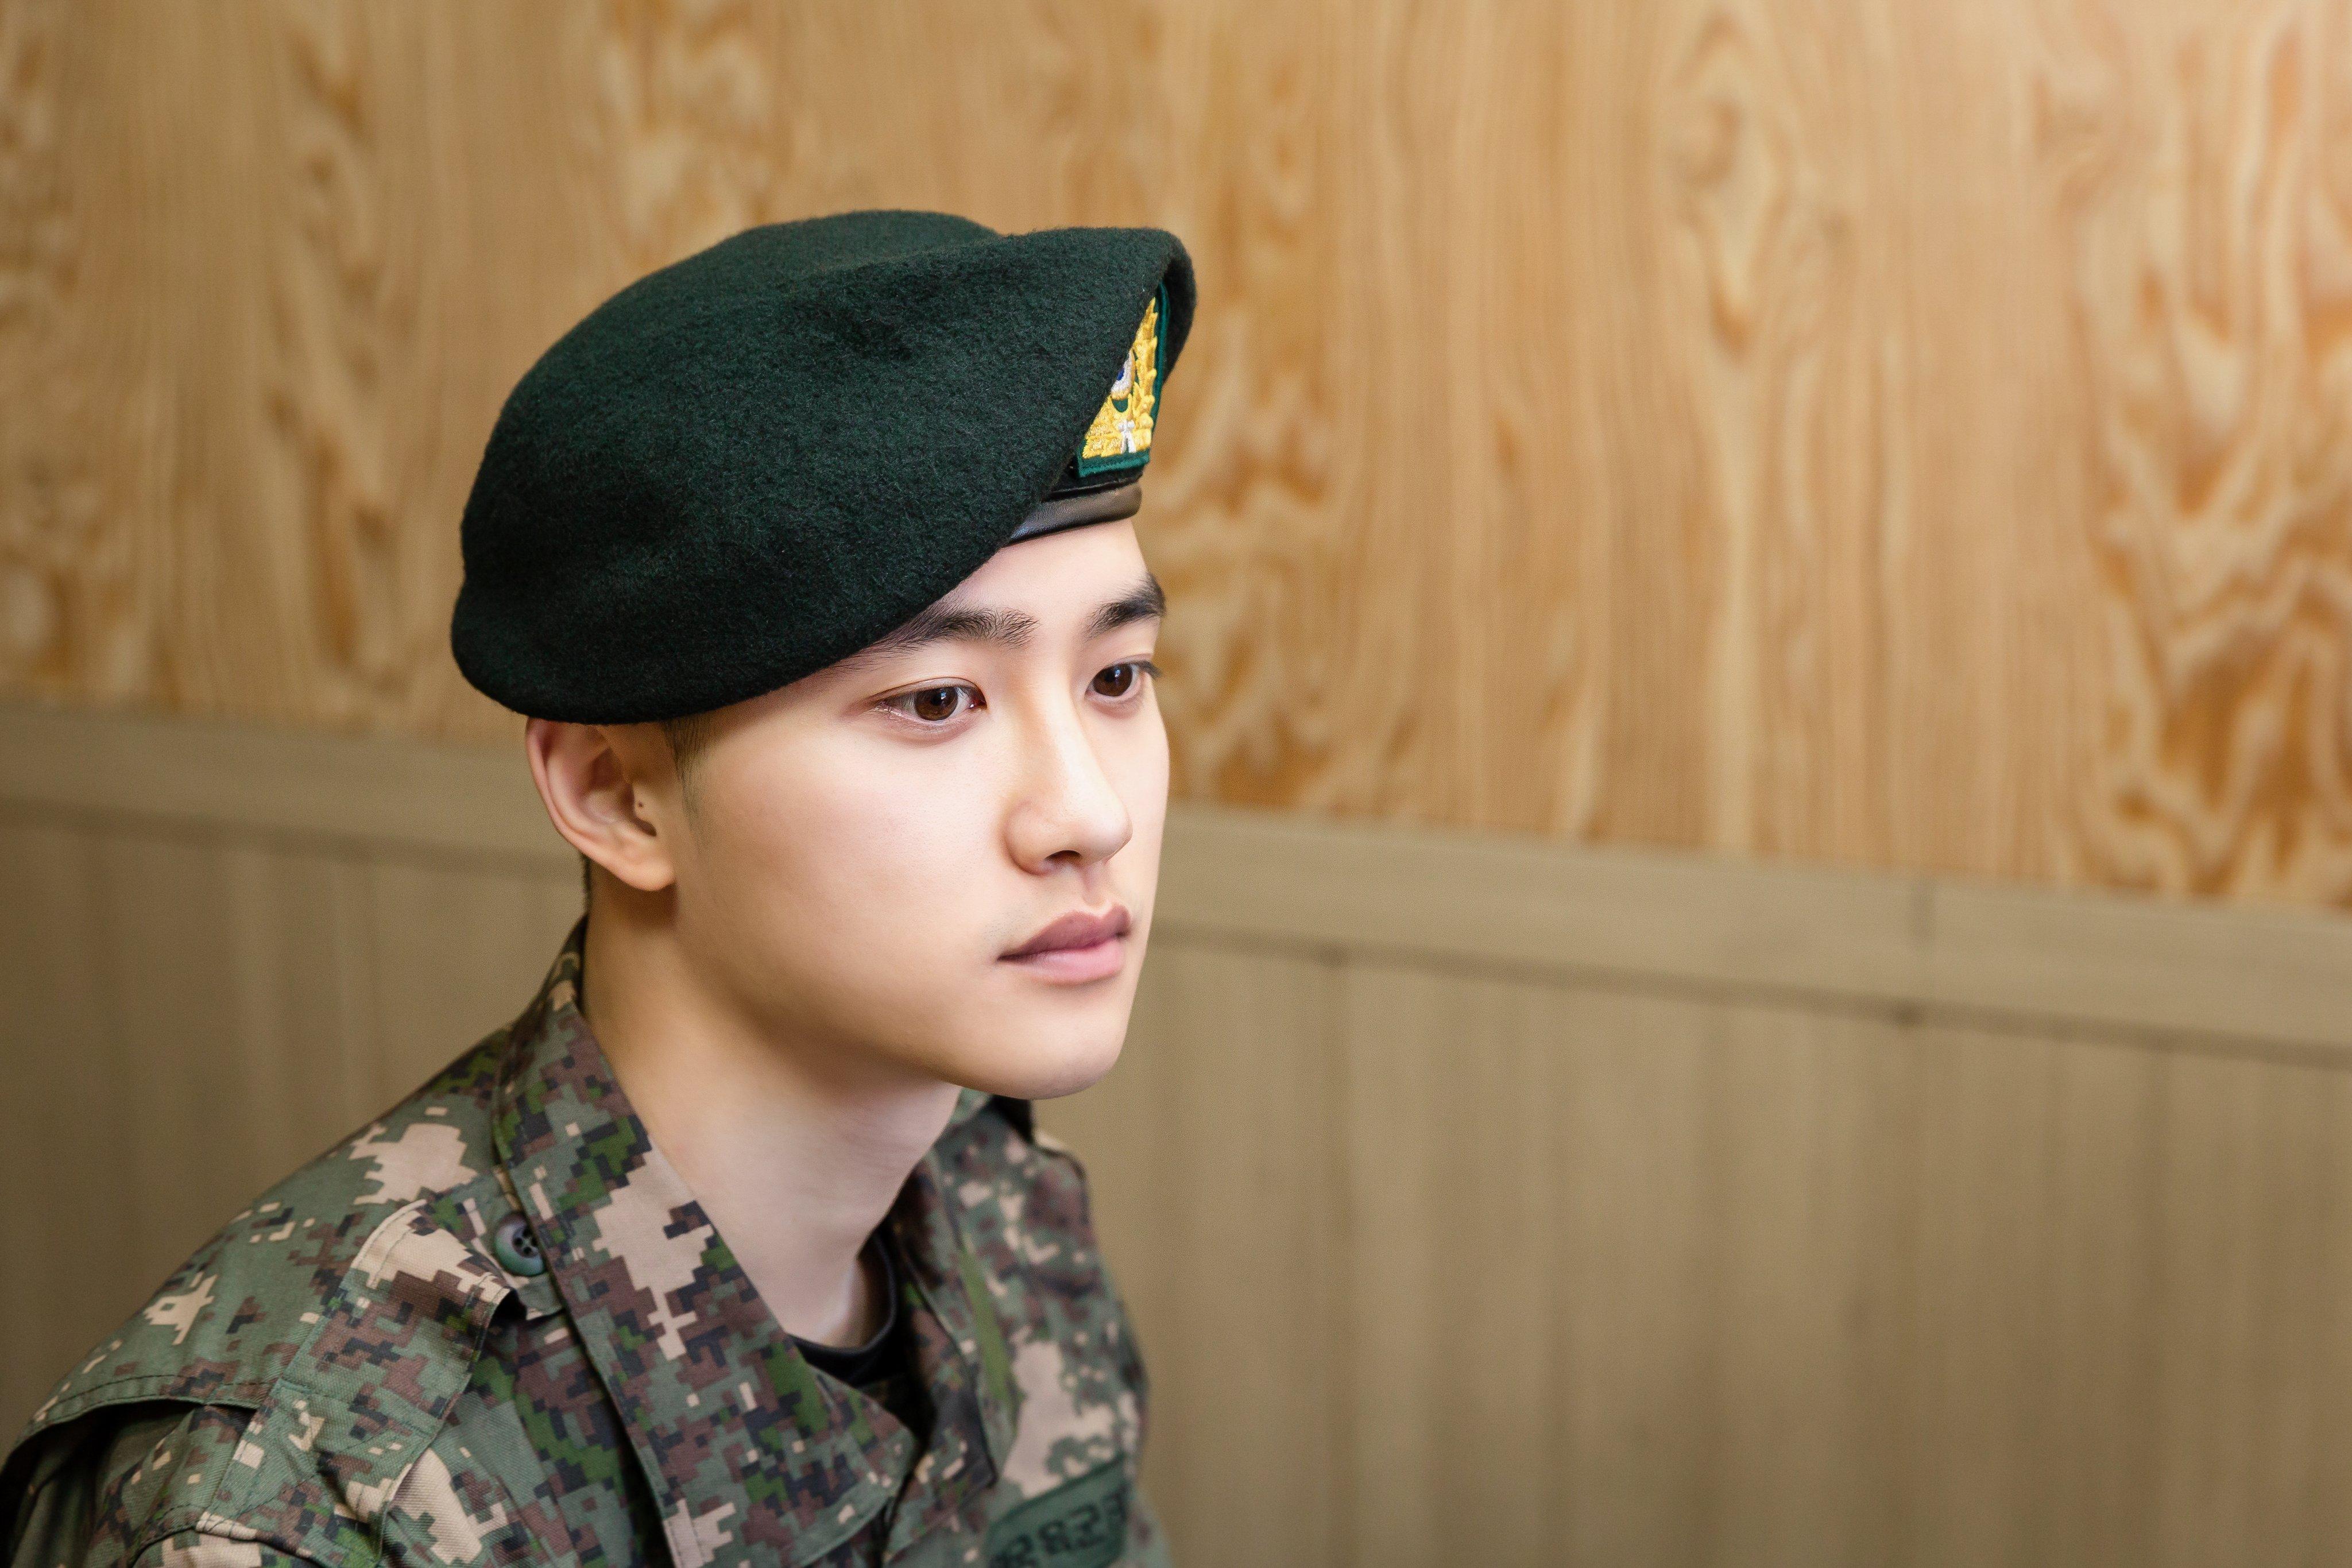 exo do 3 - Militer Ungkap Foto Baru D.O. EXO Dan Yook Sungjae BTOB